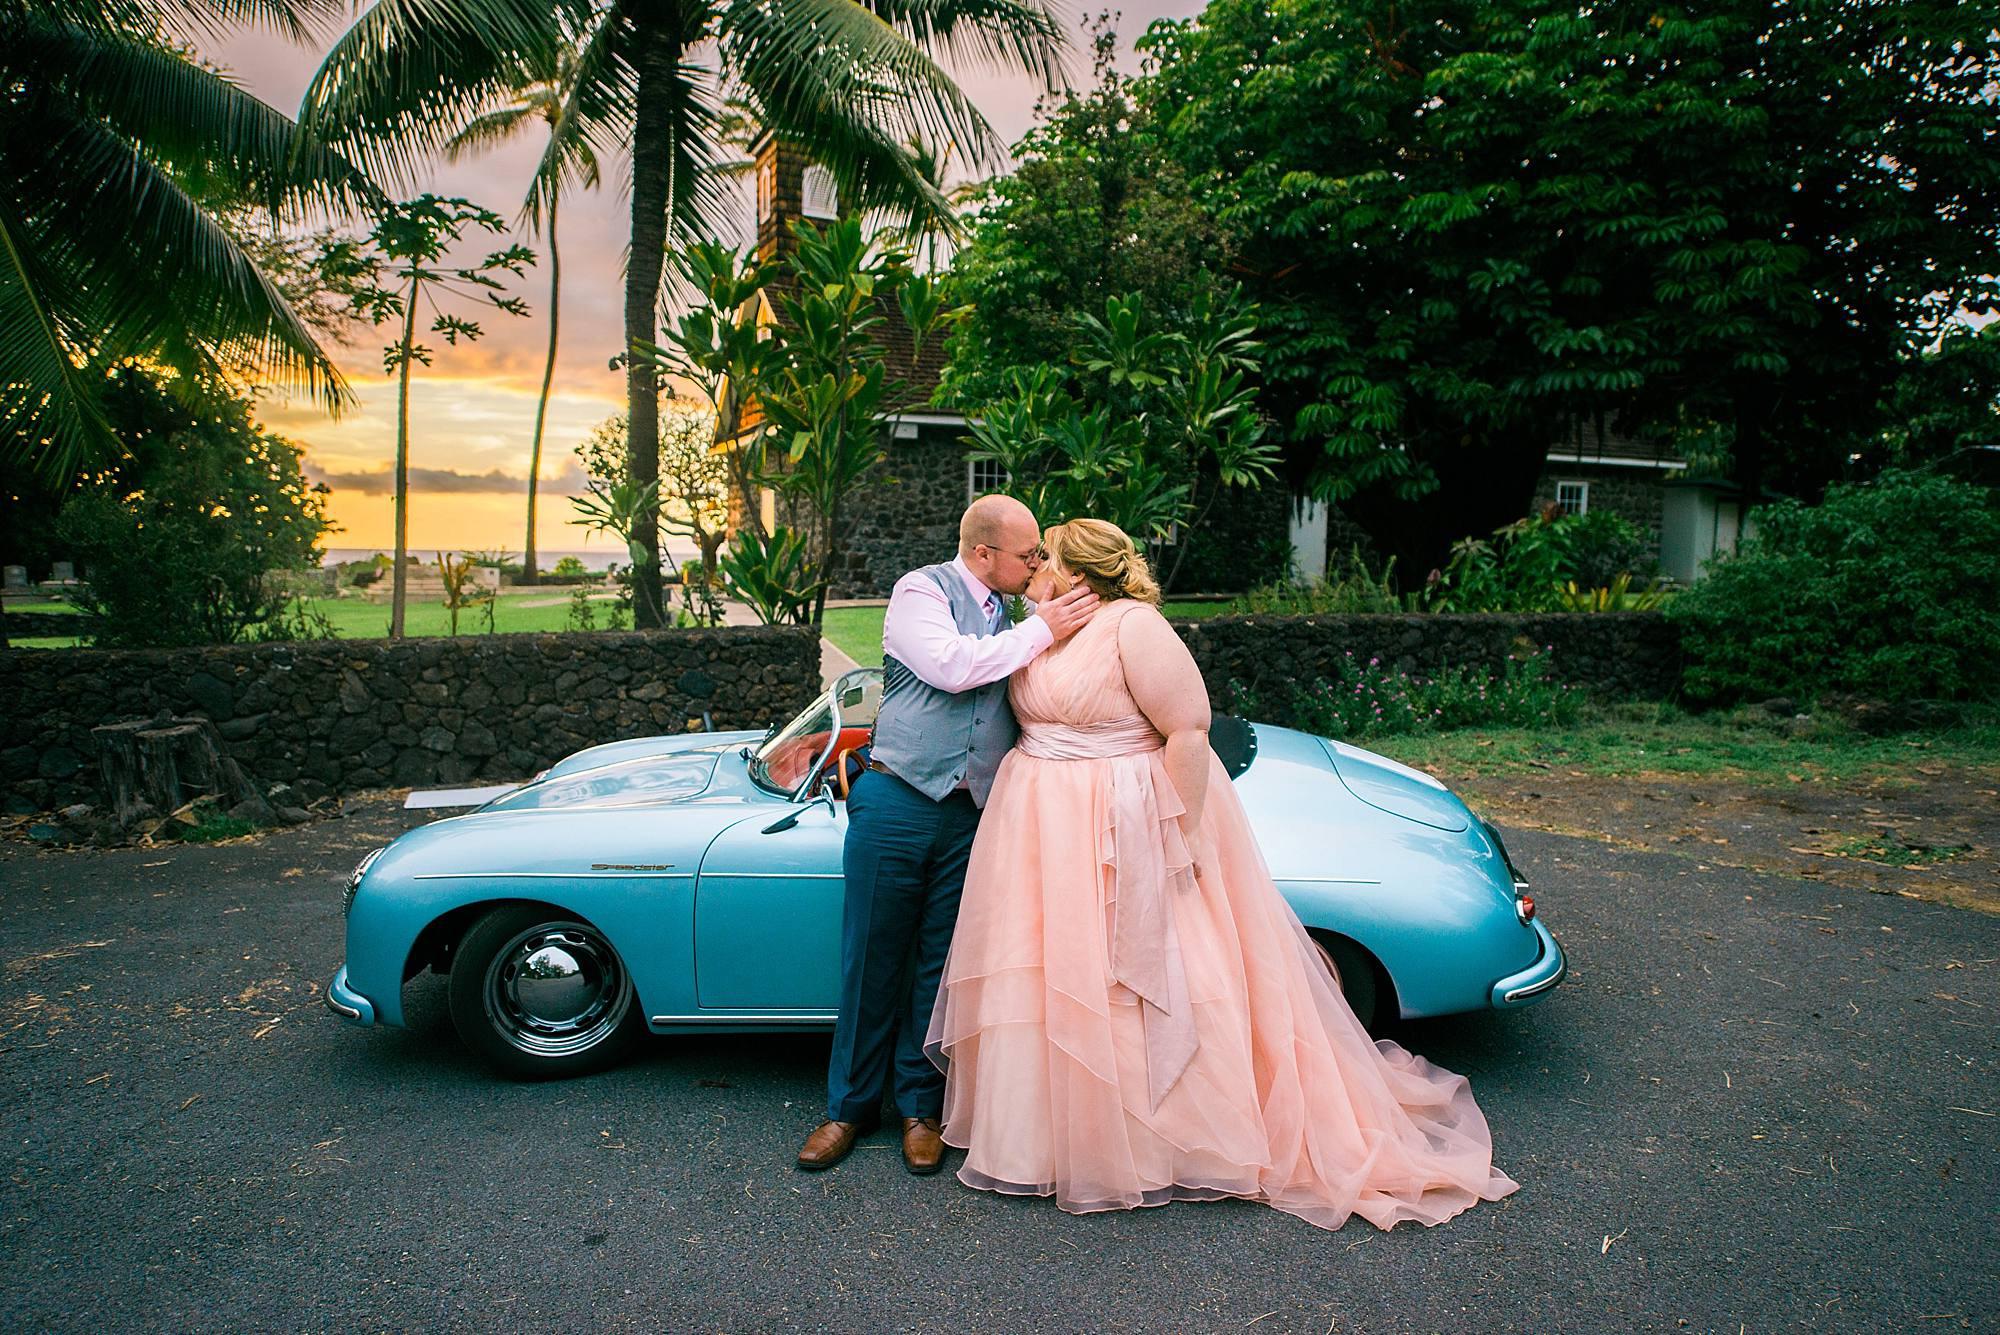 Maui roadster wedding in Maui, hawaii